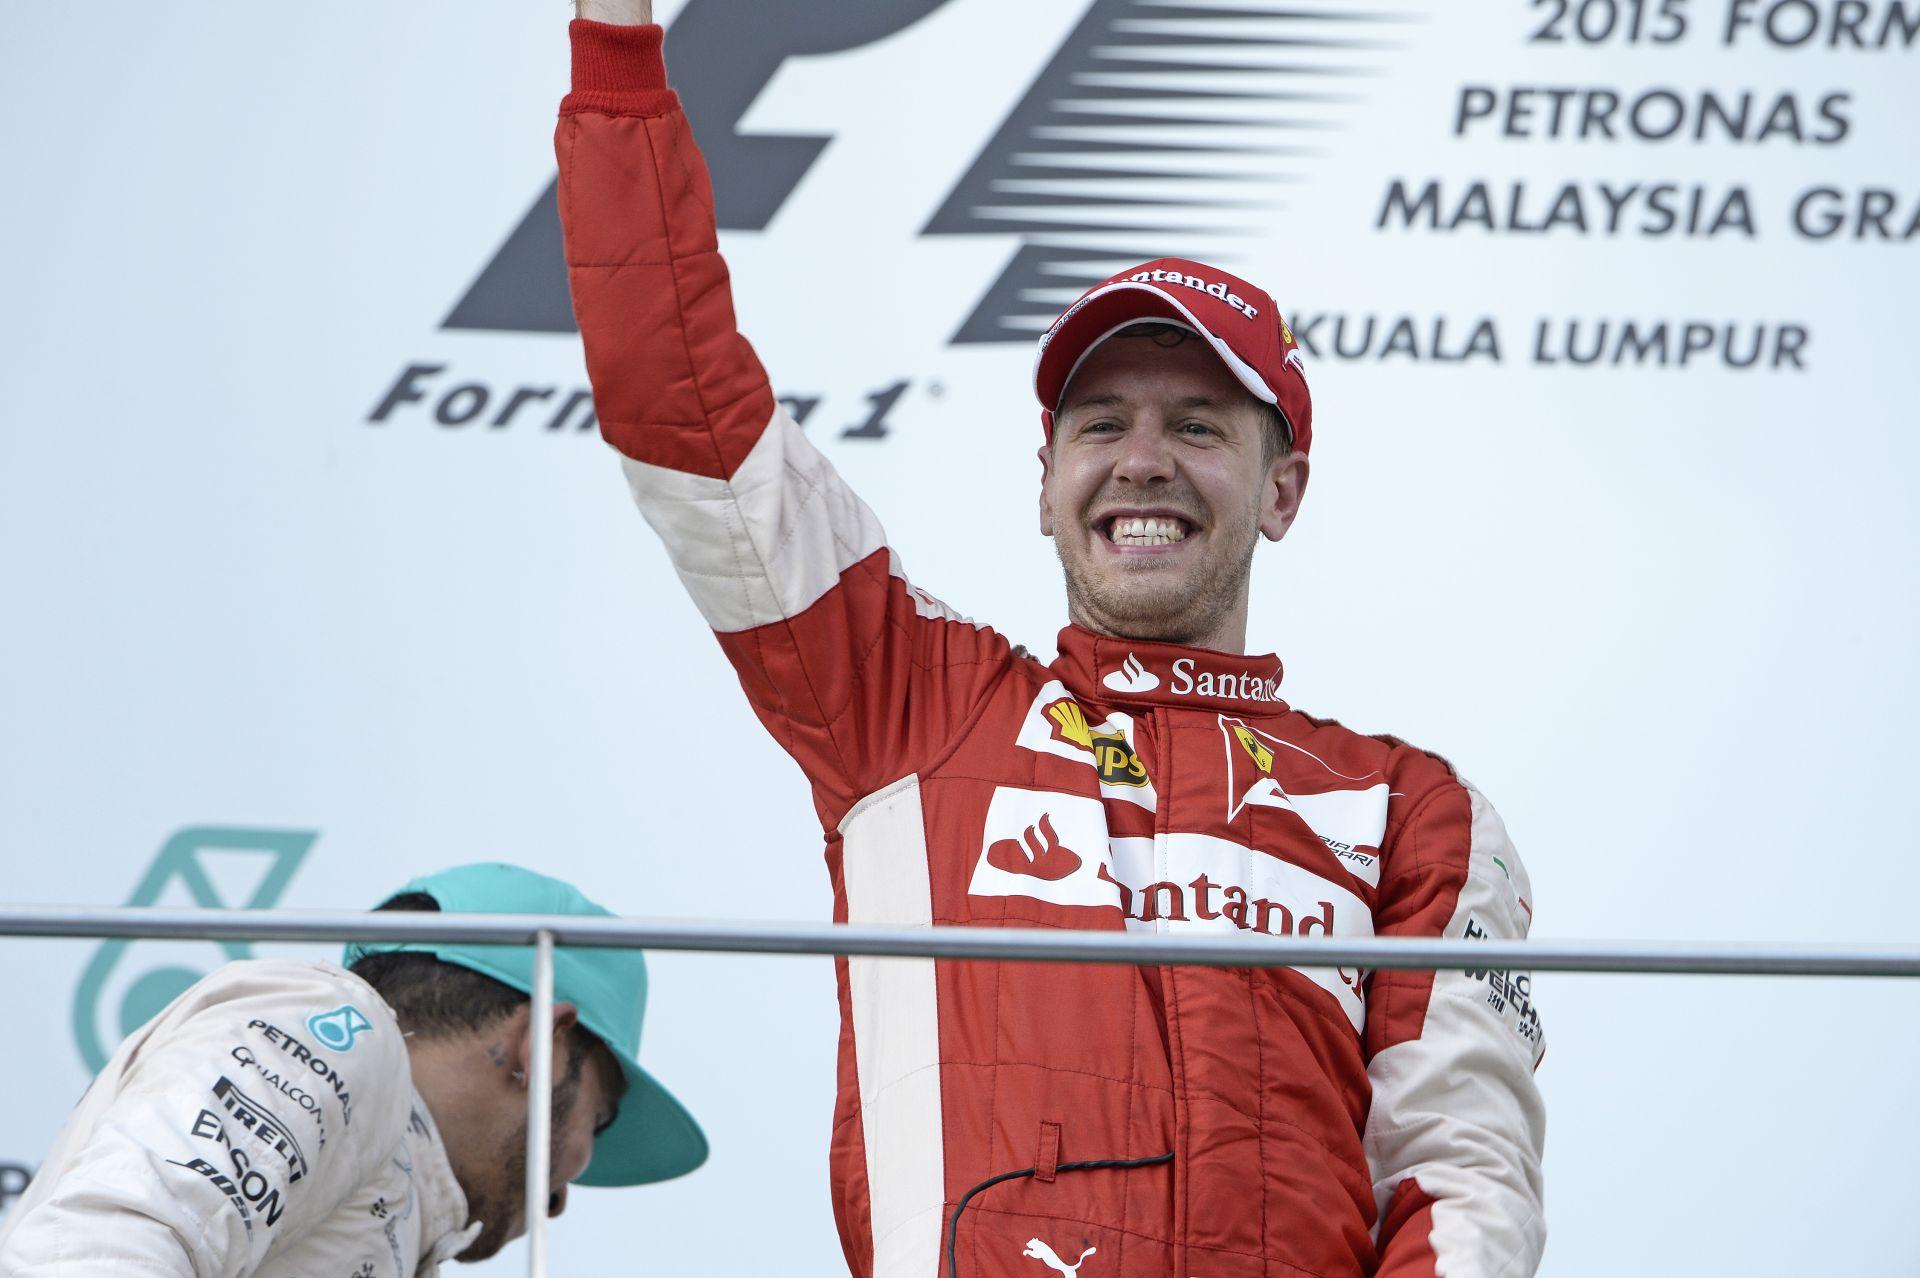 Ecclestone már nagyon örülne a Ferrari bajnoki címének a Forma-1-ben